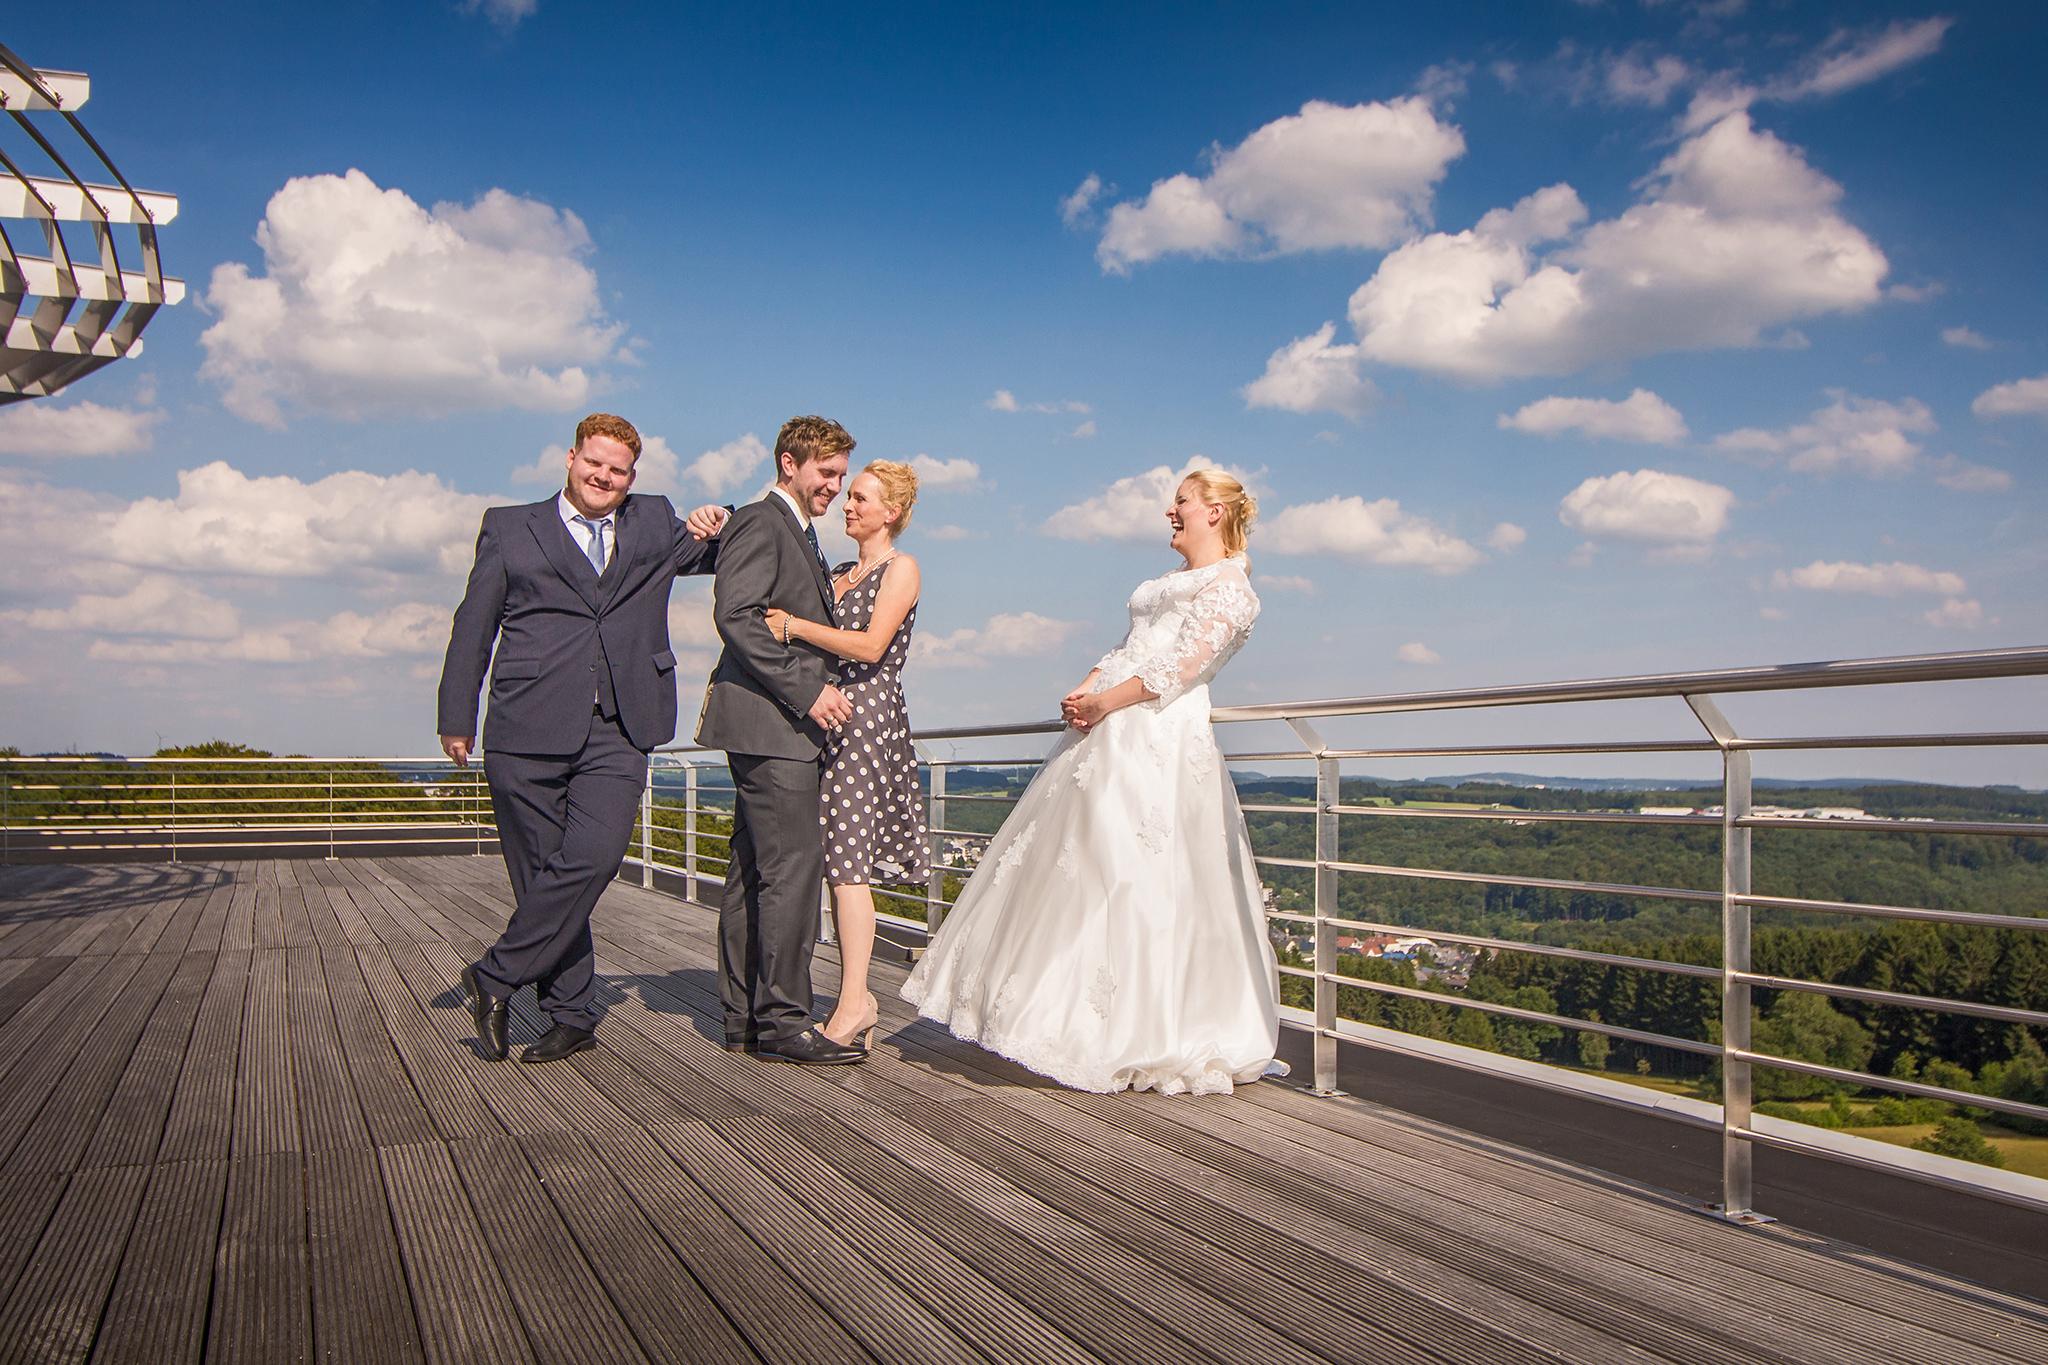 Hochzeitsfotografie | Foto: Johannes Willwacher